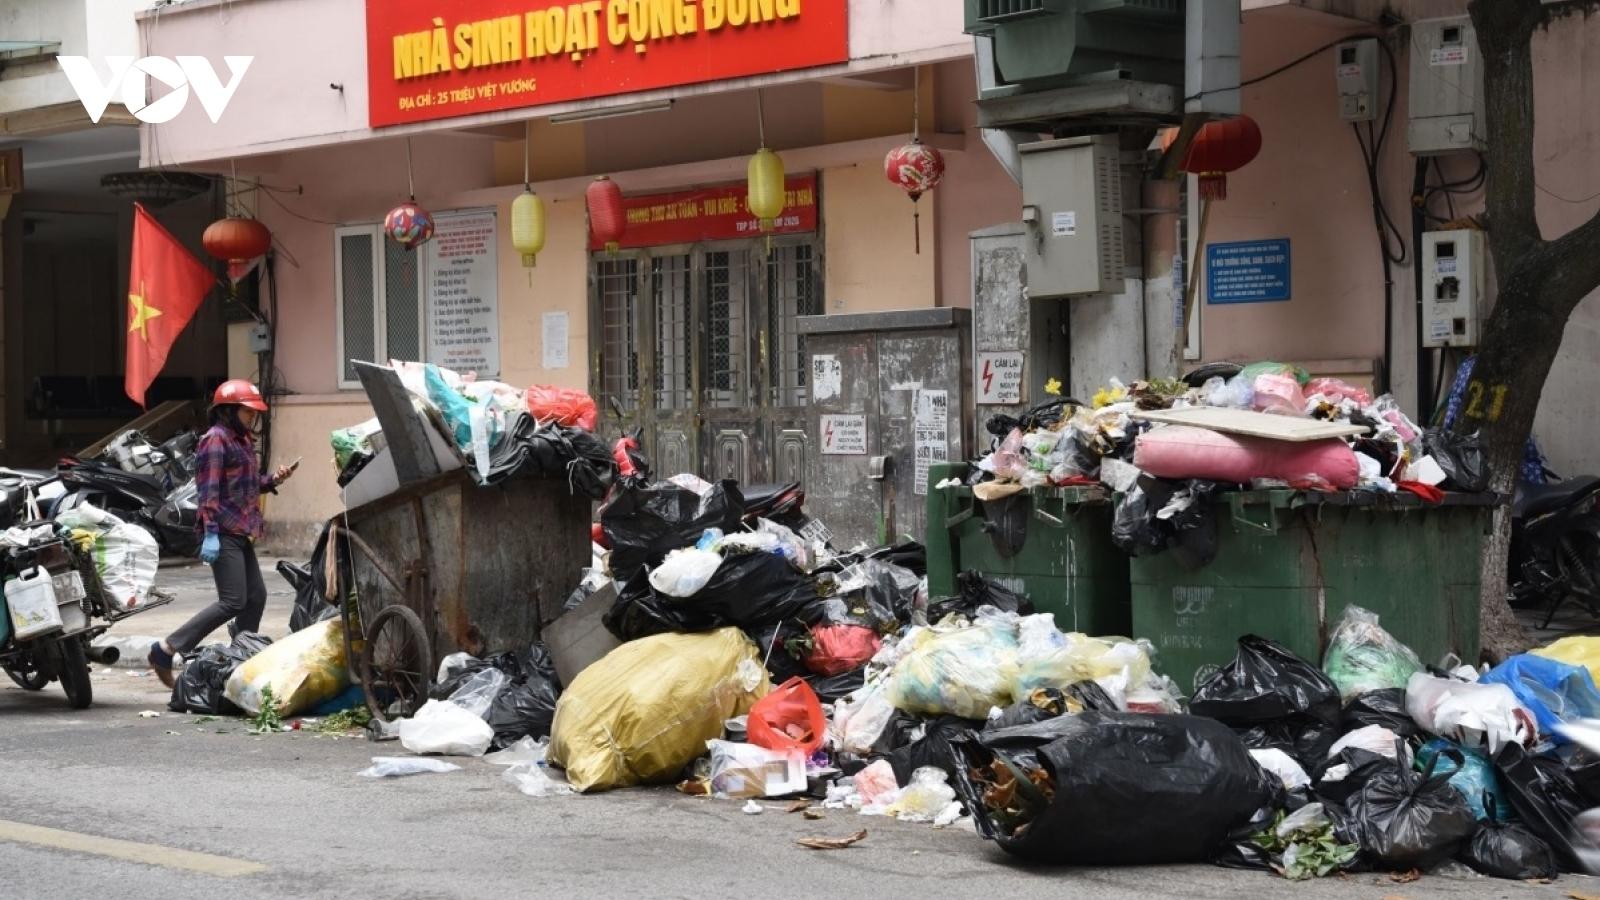 Dân mong đối thoại với lãnh đạo Hà Nội về bãi rác Nam Sơn